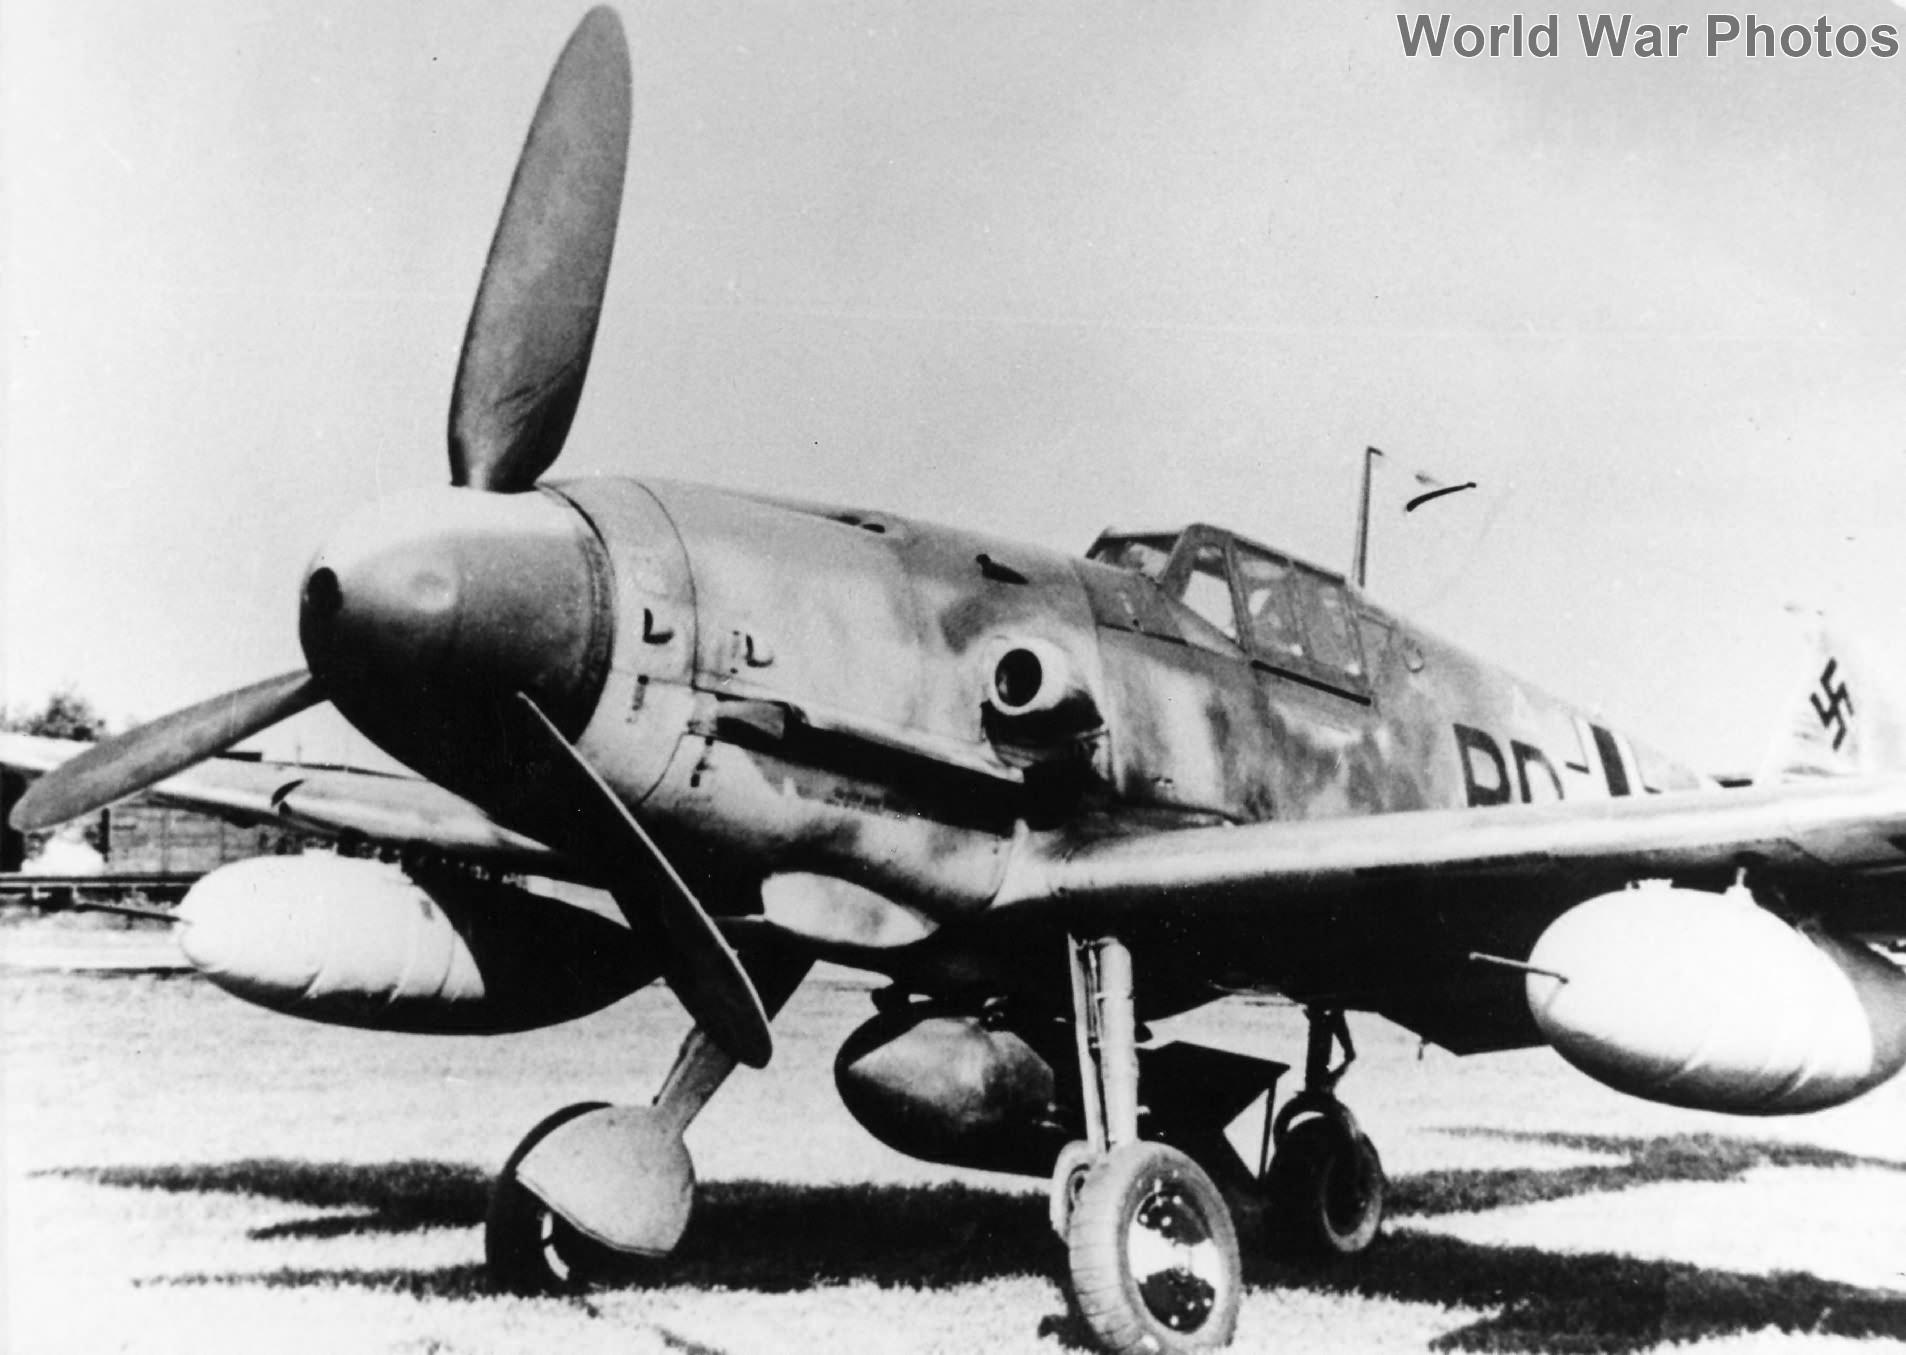 Bf 109G-4/R3